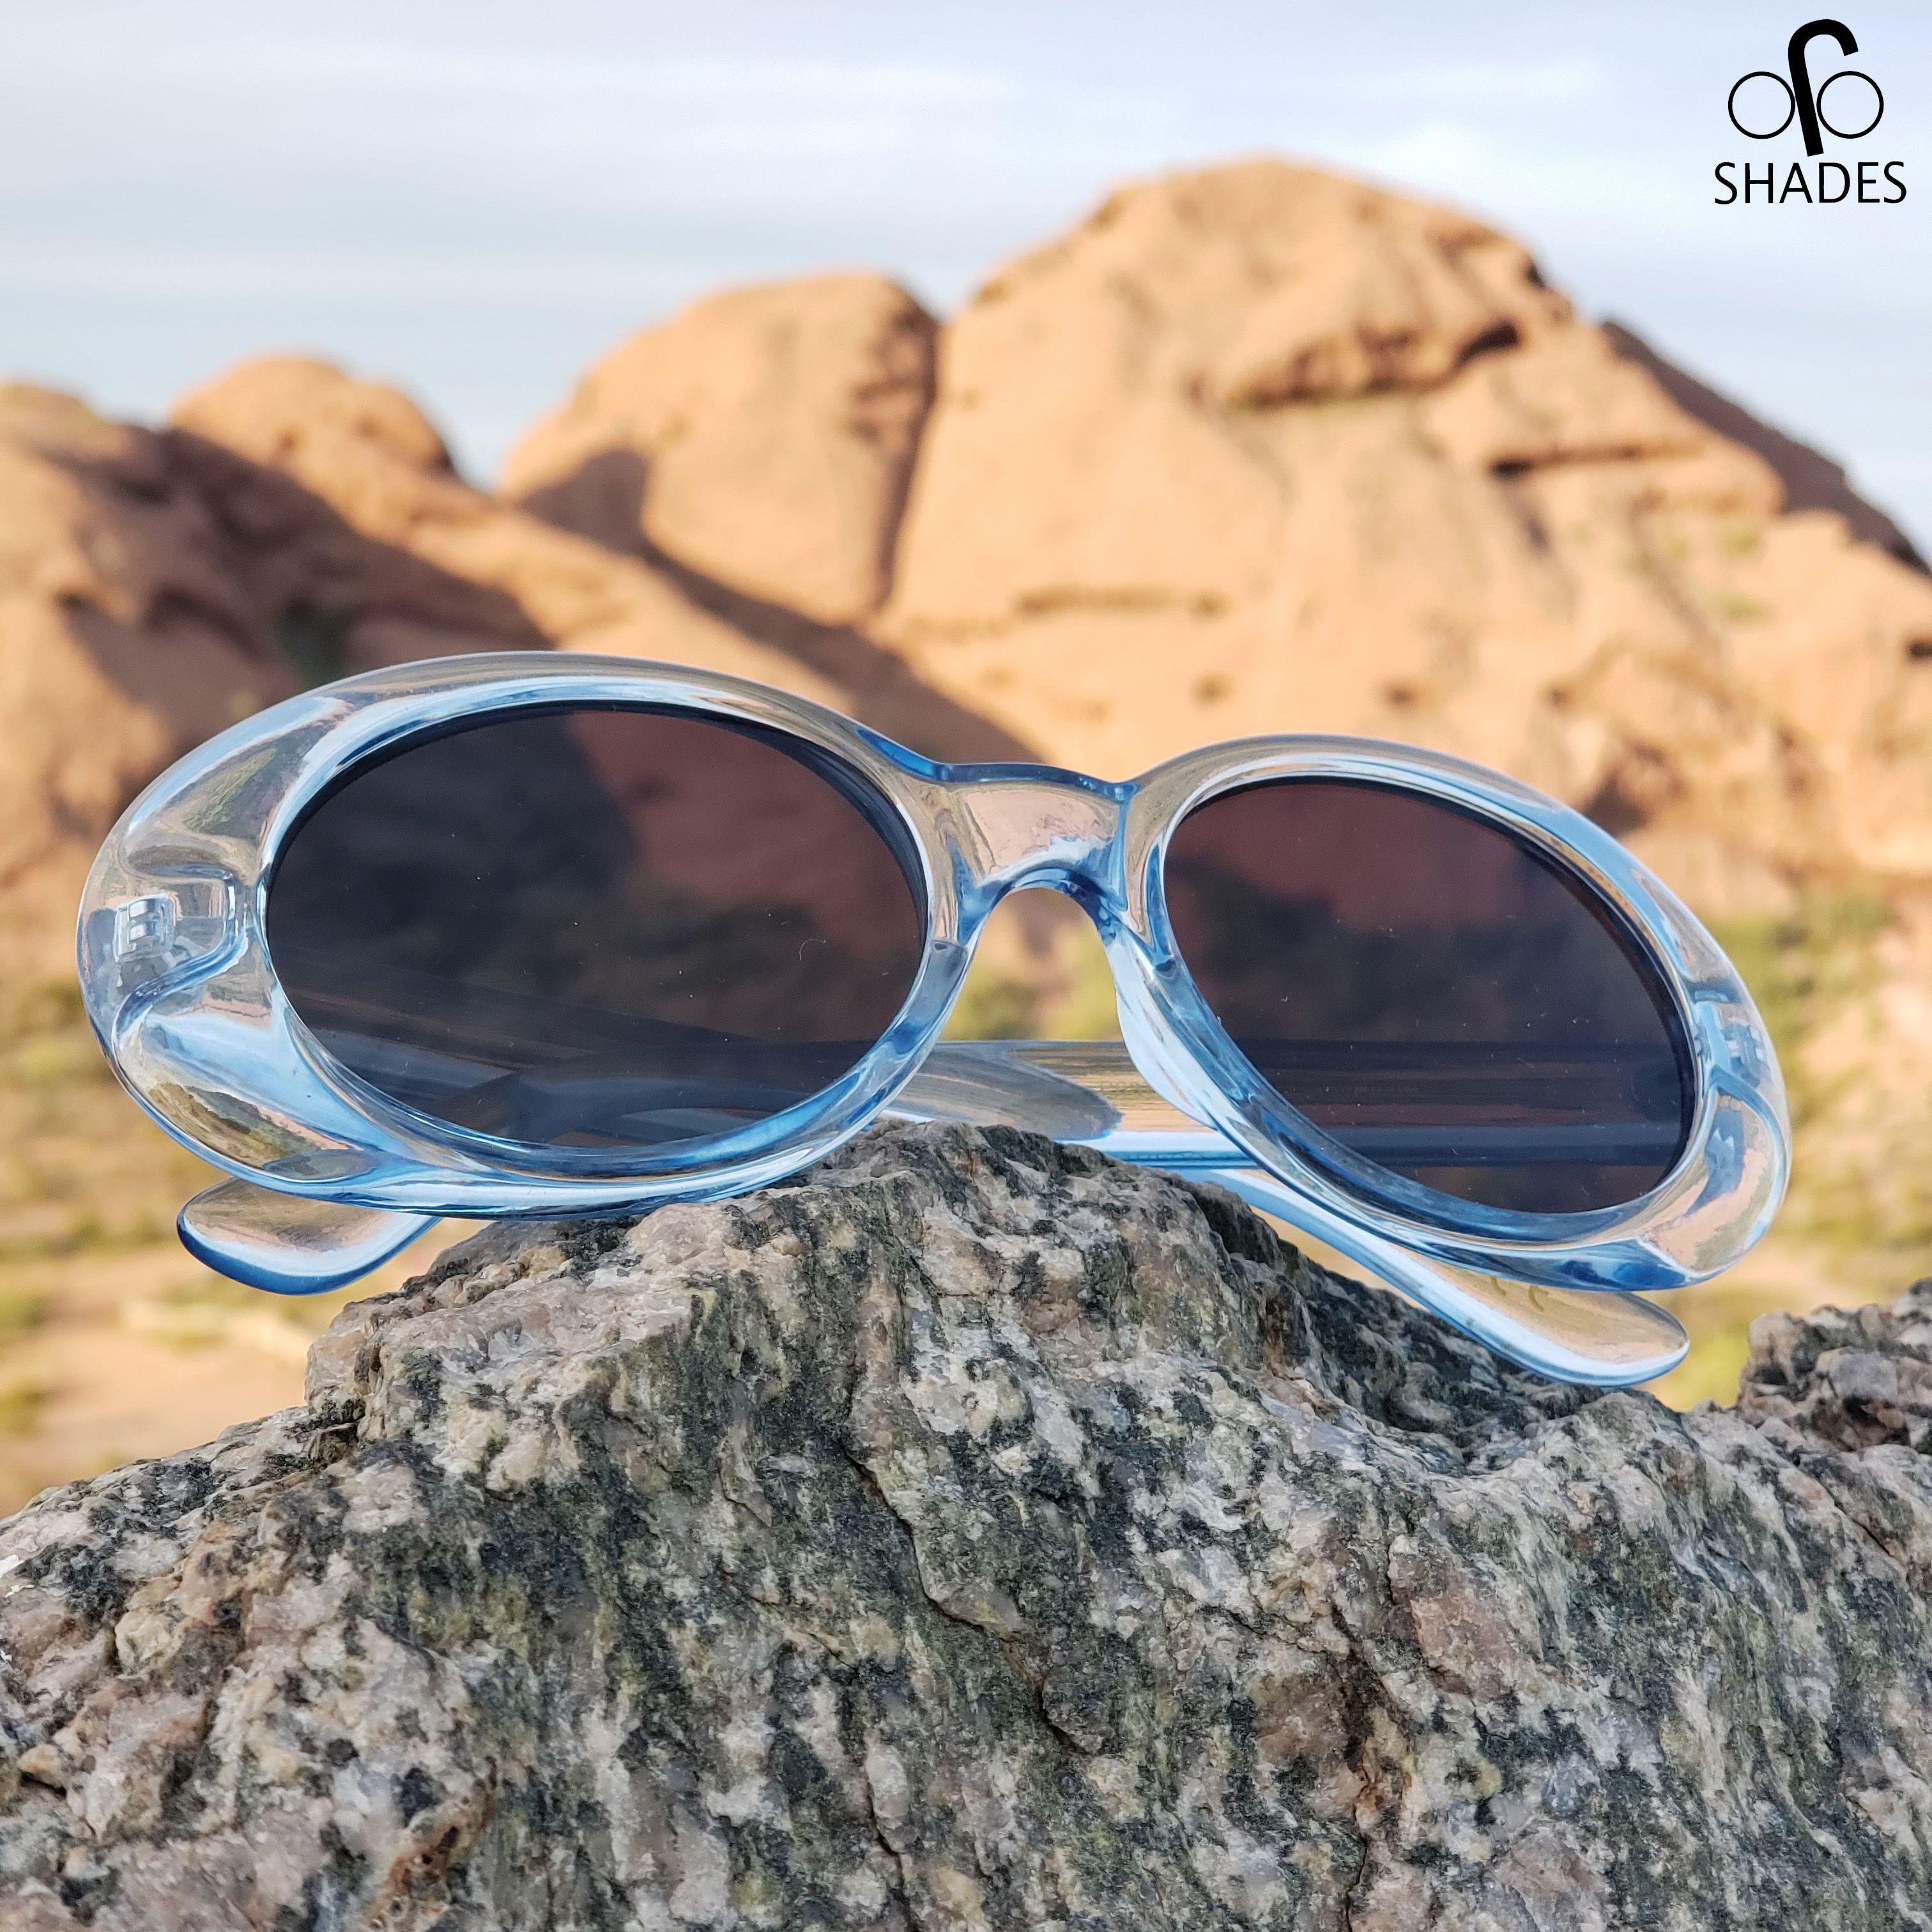 Transparent Blue Clout Goggles Kurt Cobain Sunglasses Cool Sunglasses Sunglasses Glasses Fashion